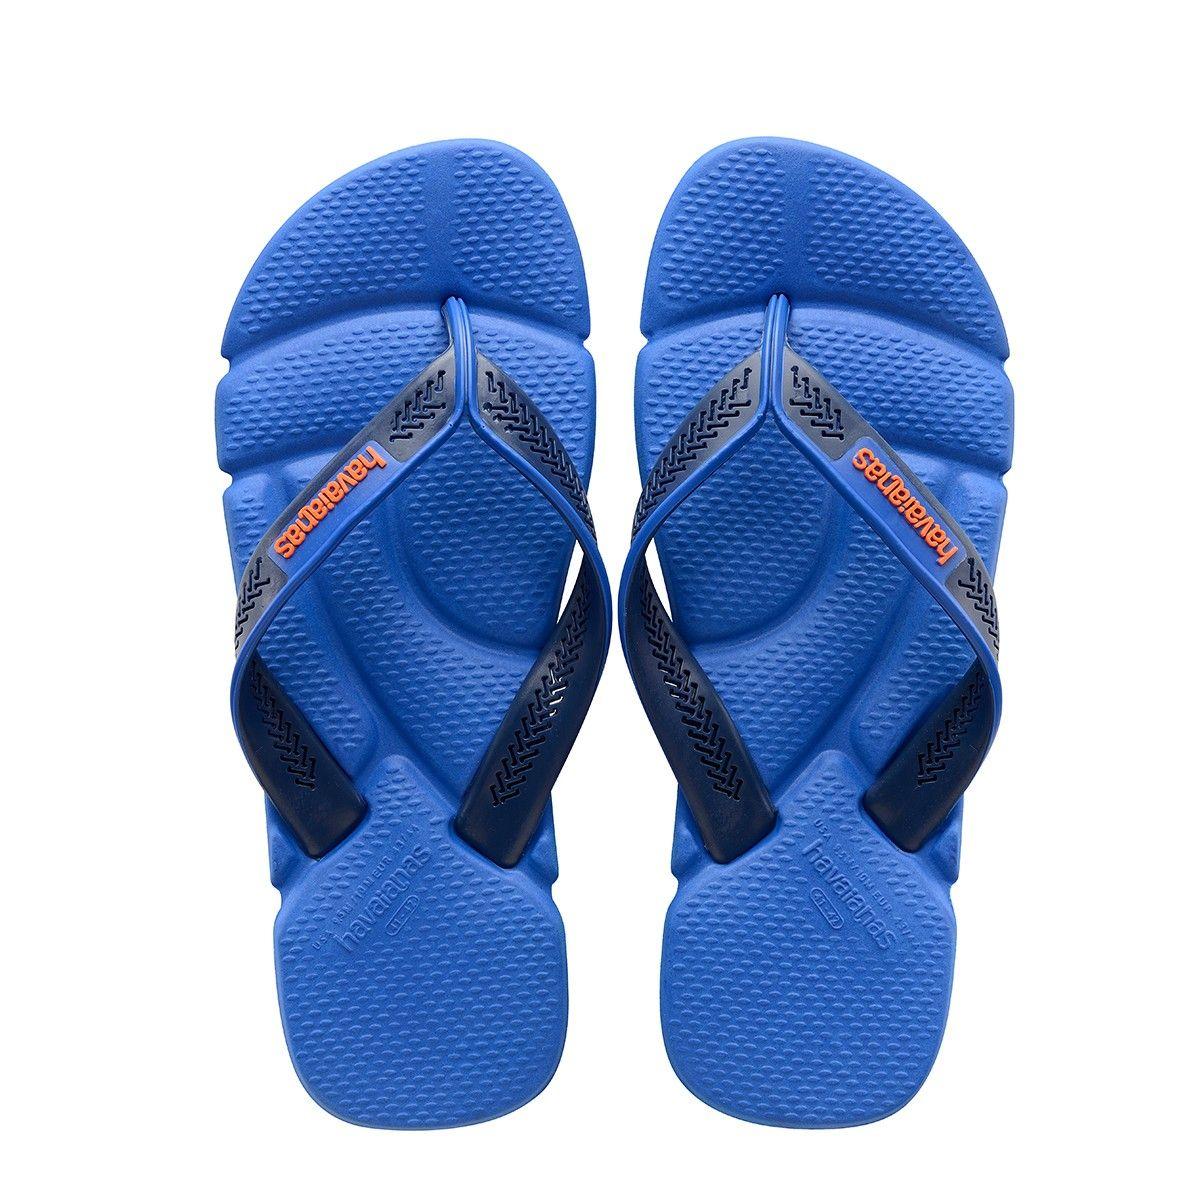 Havaianas Power Sandal Blue Star Havaianas Shoes Blue Sandals Rubber Flip Flops Flip Flops